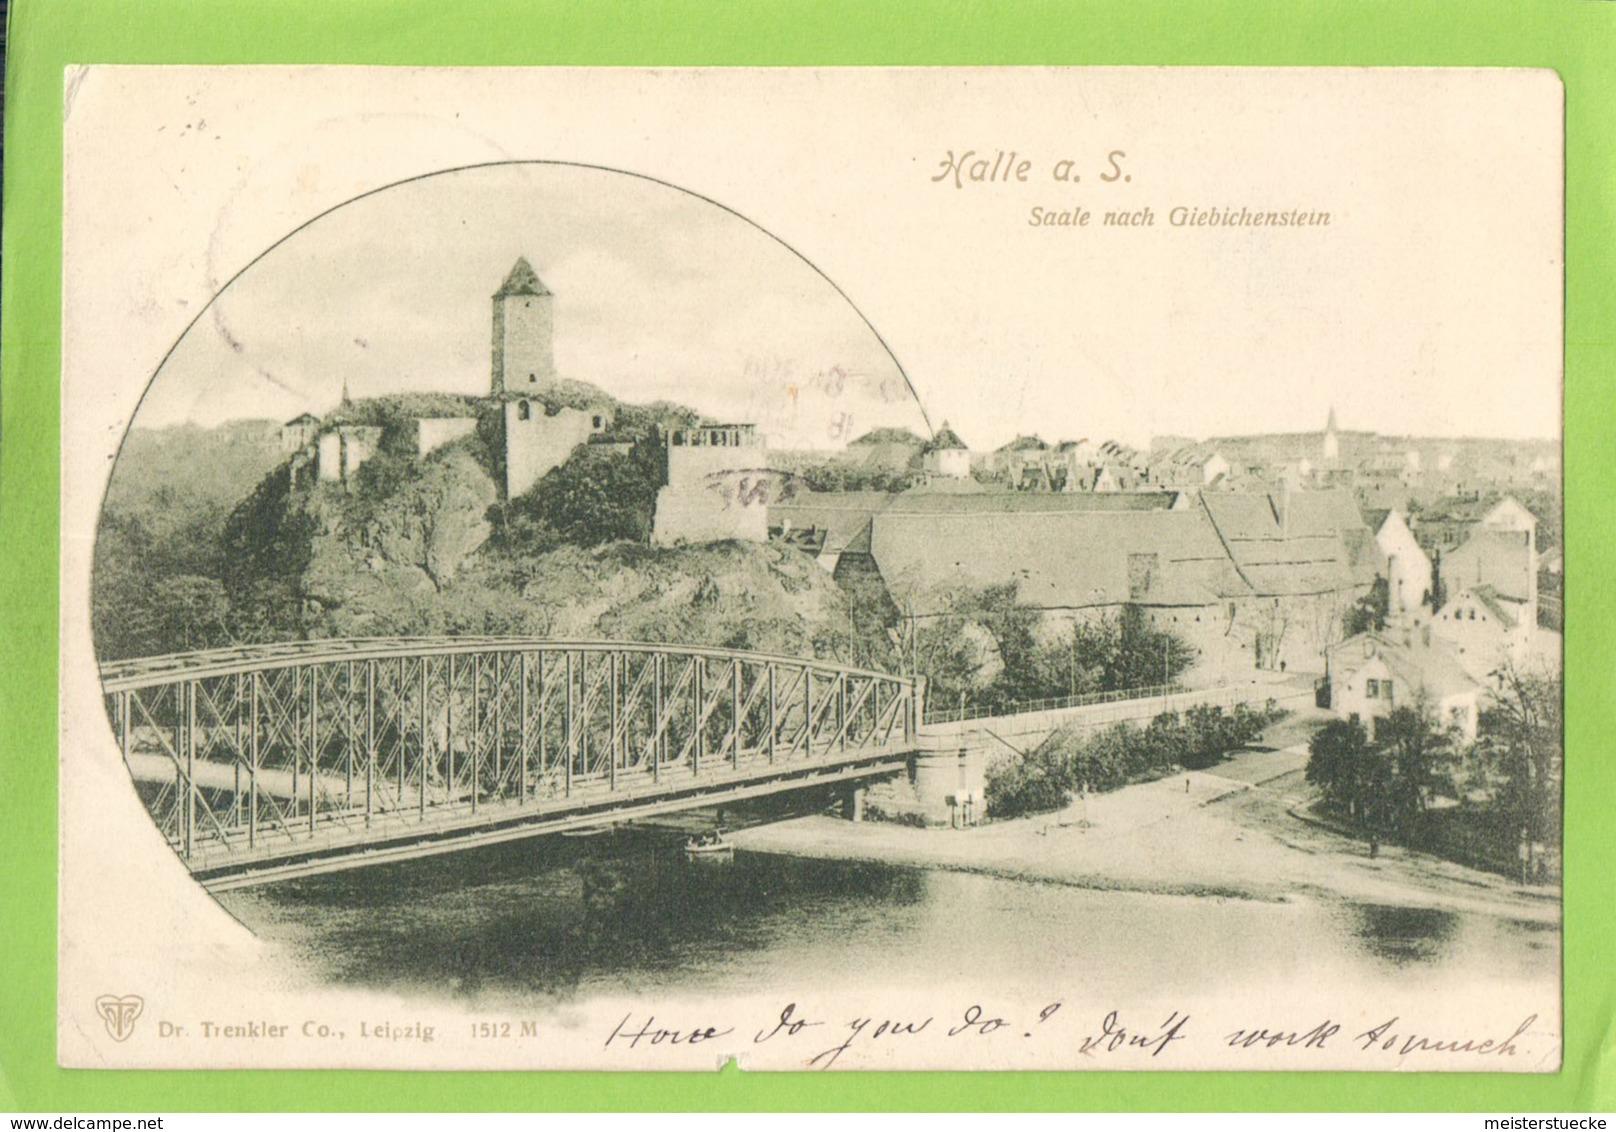 AK - Halle An Der Saale - Salale Nach Giebichenstein - Gelaufen Mit Bahnpost 1900 - Halle (Saale)